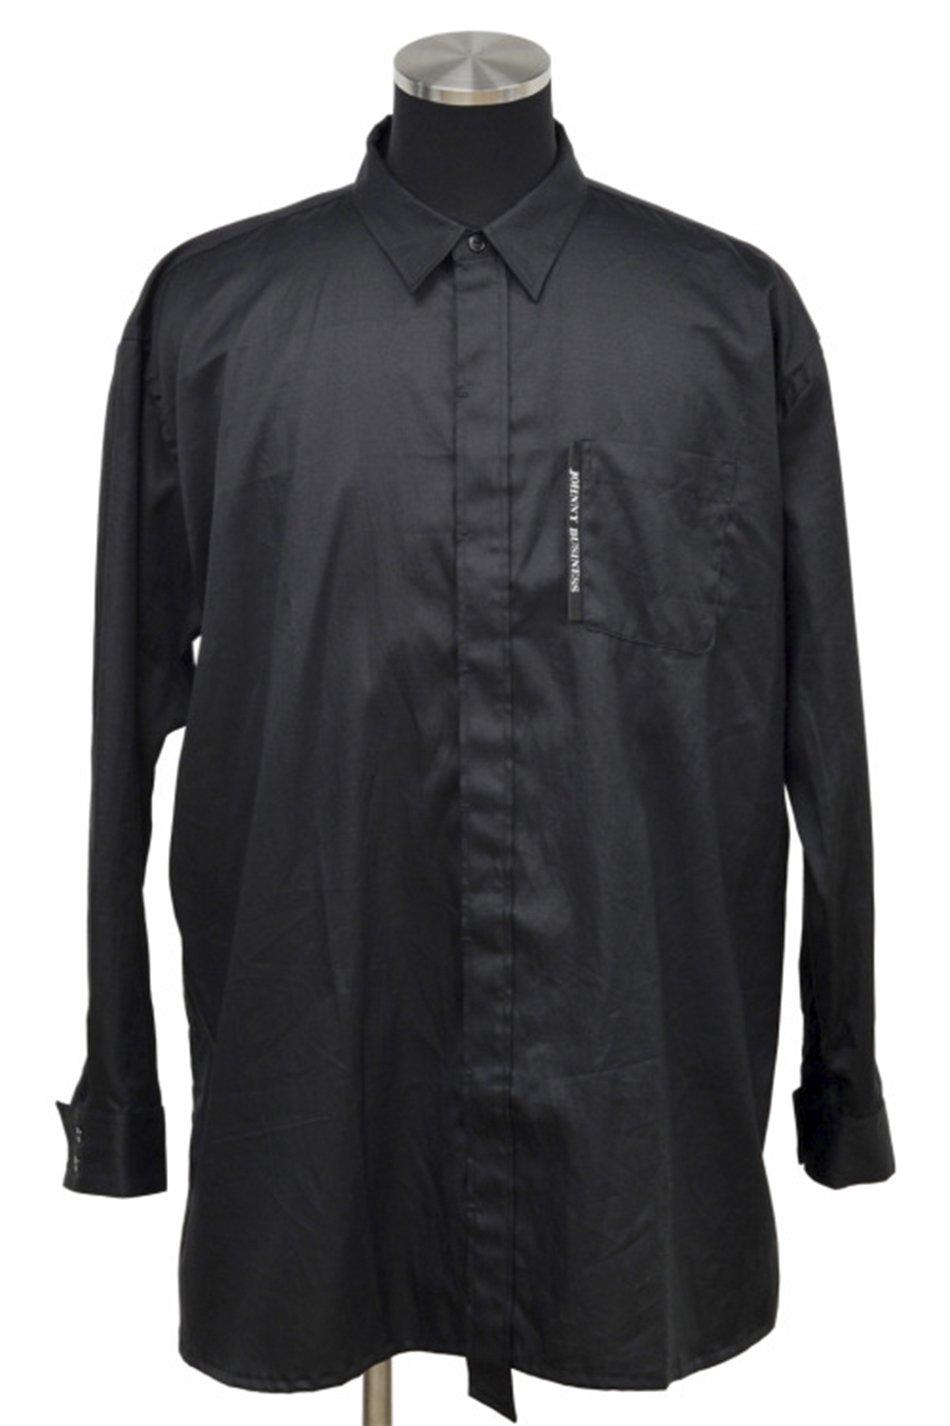 Plane Shirts/Black